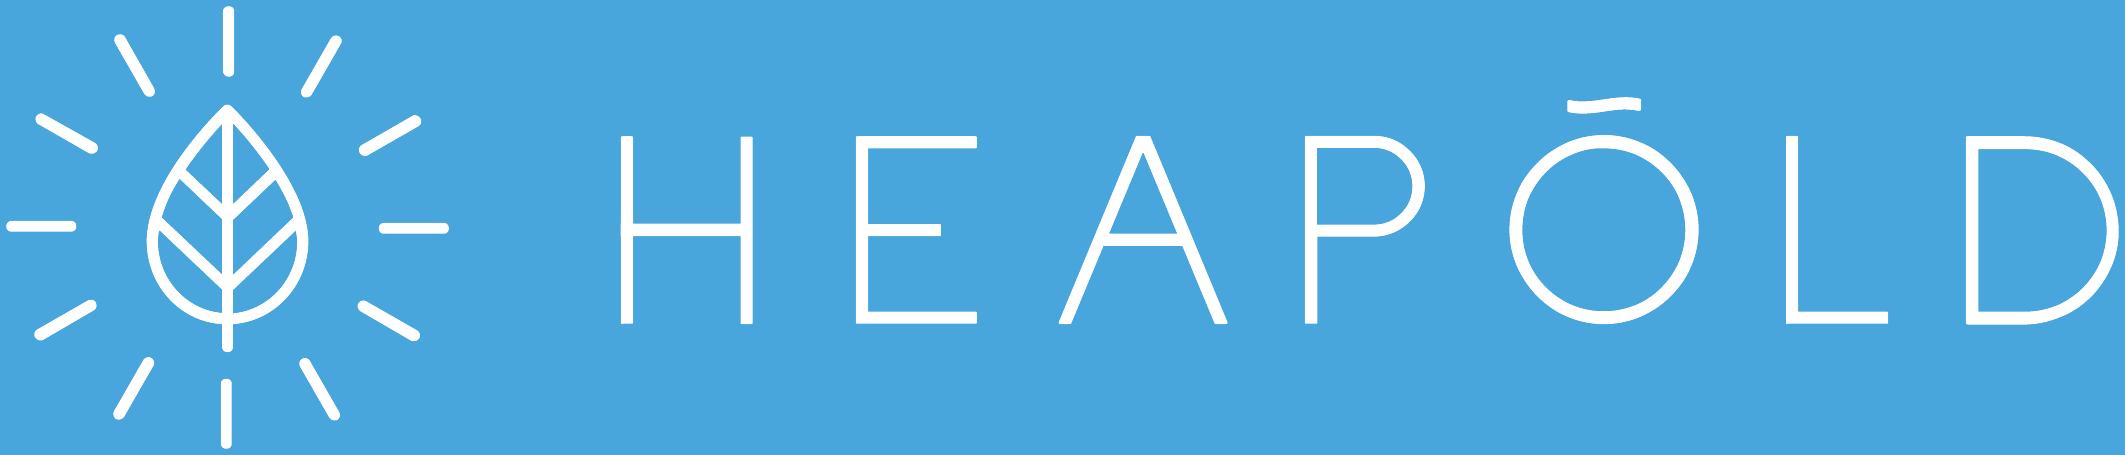 heapold_logo